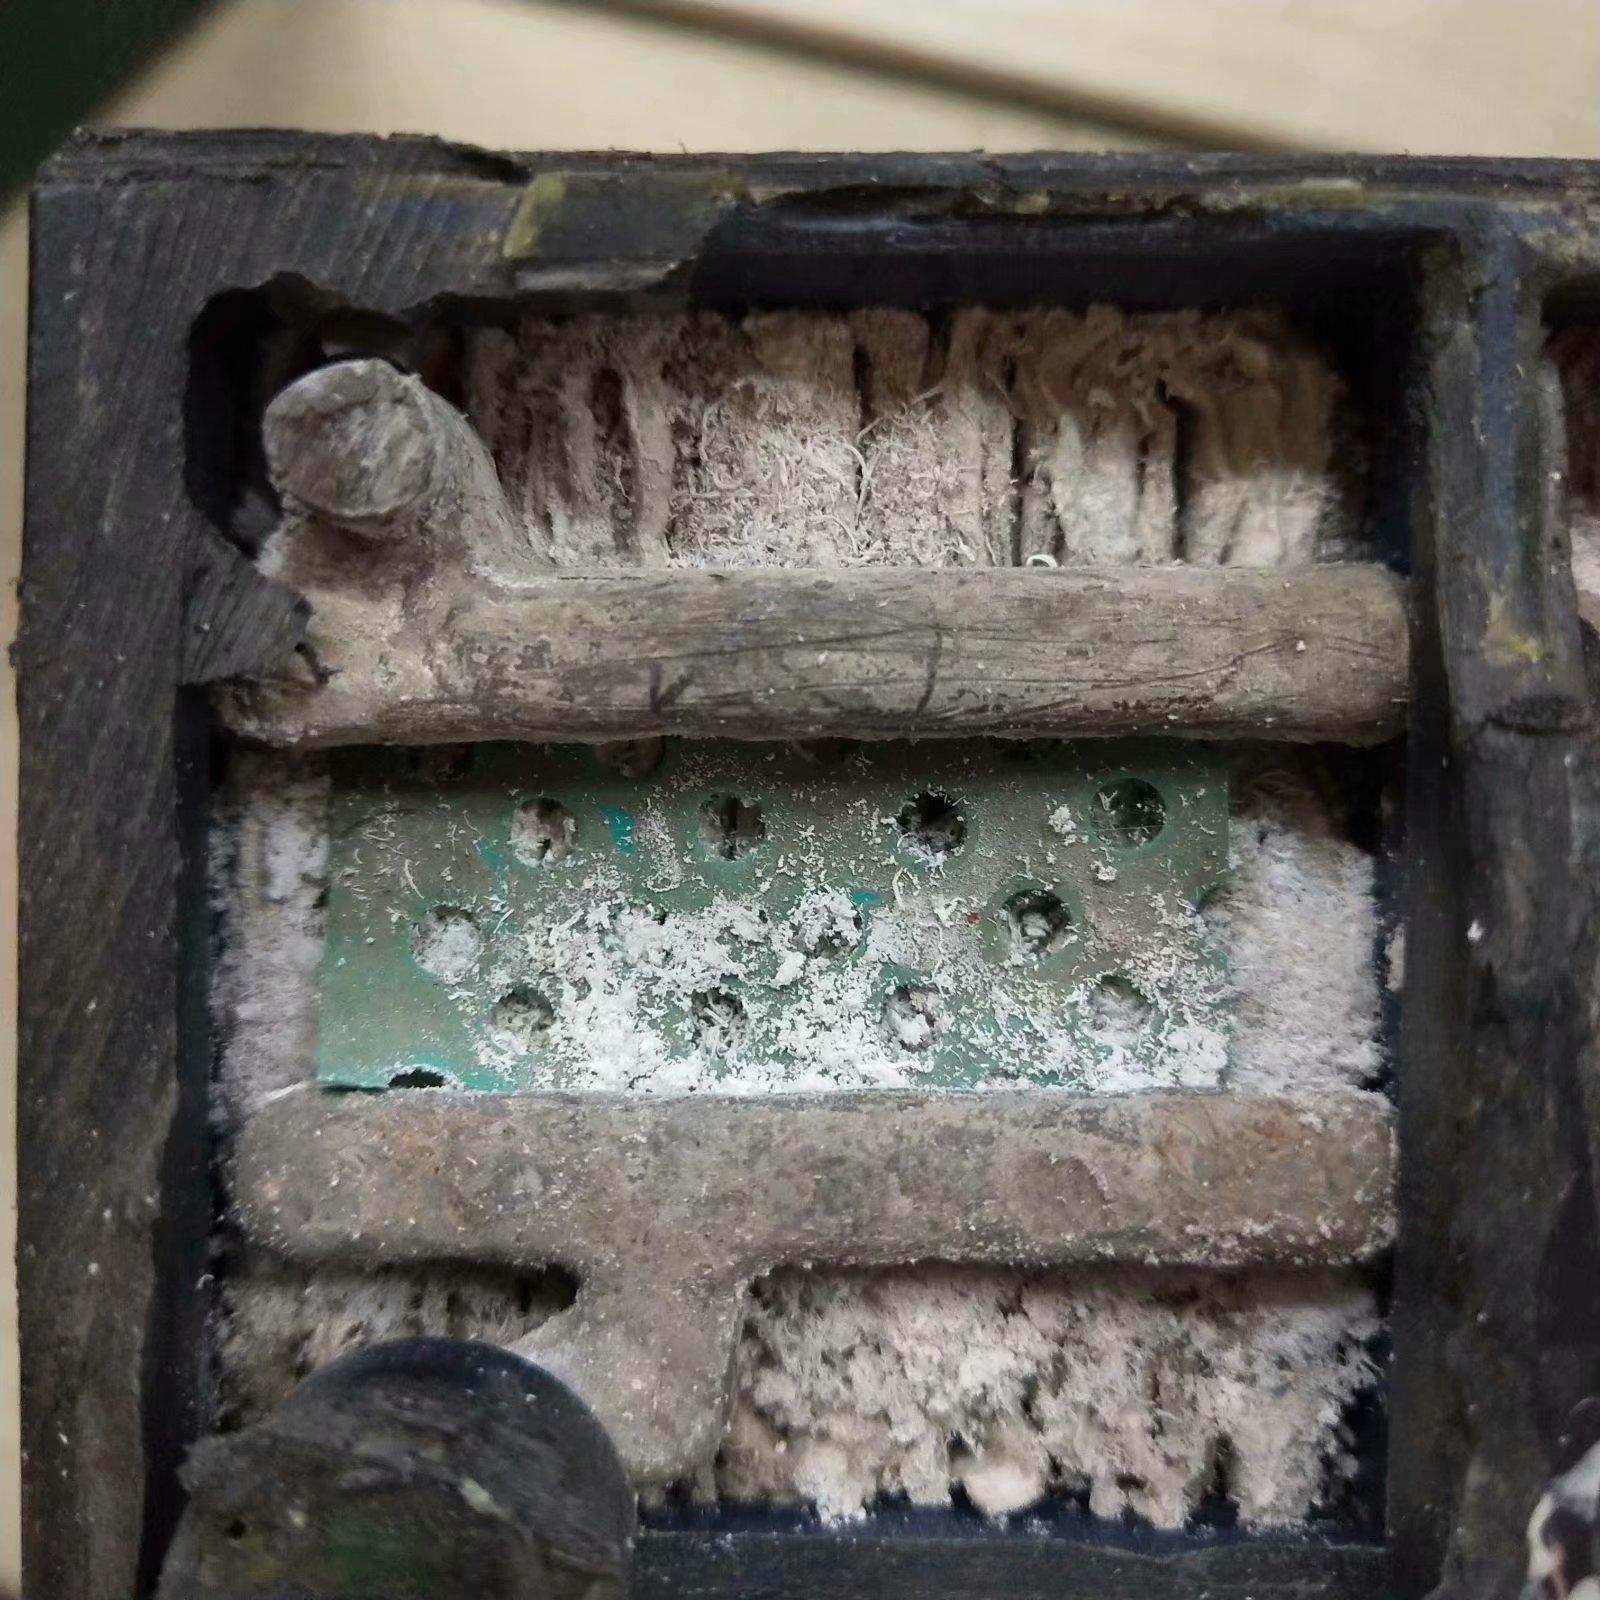 电池修复技术——需要了解的电池内部详细?